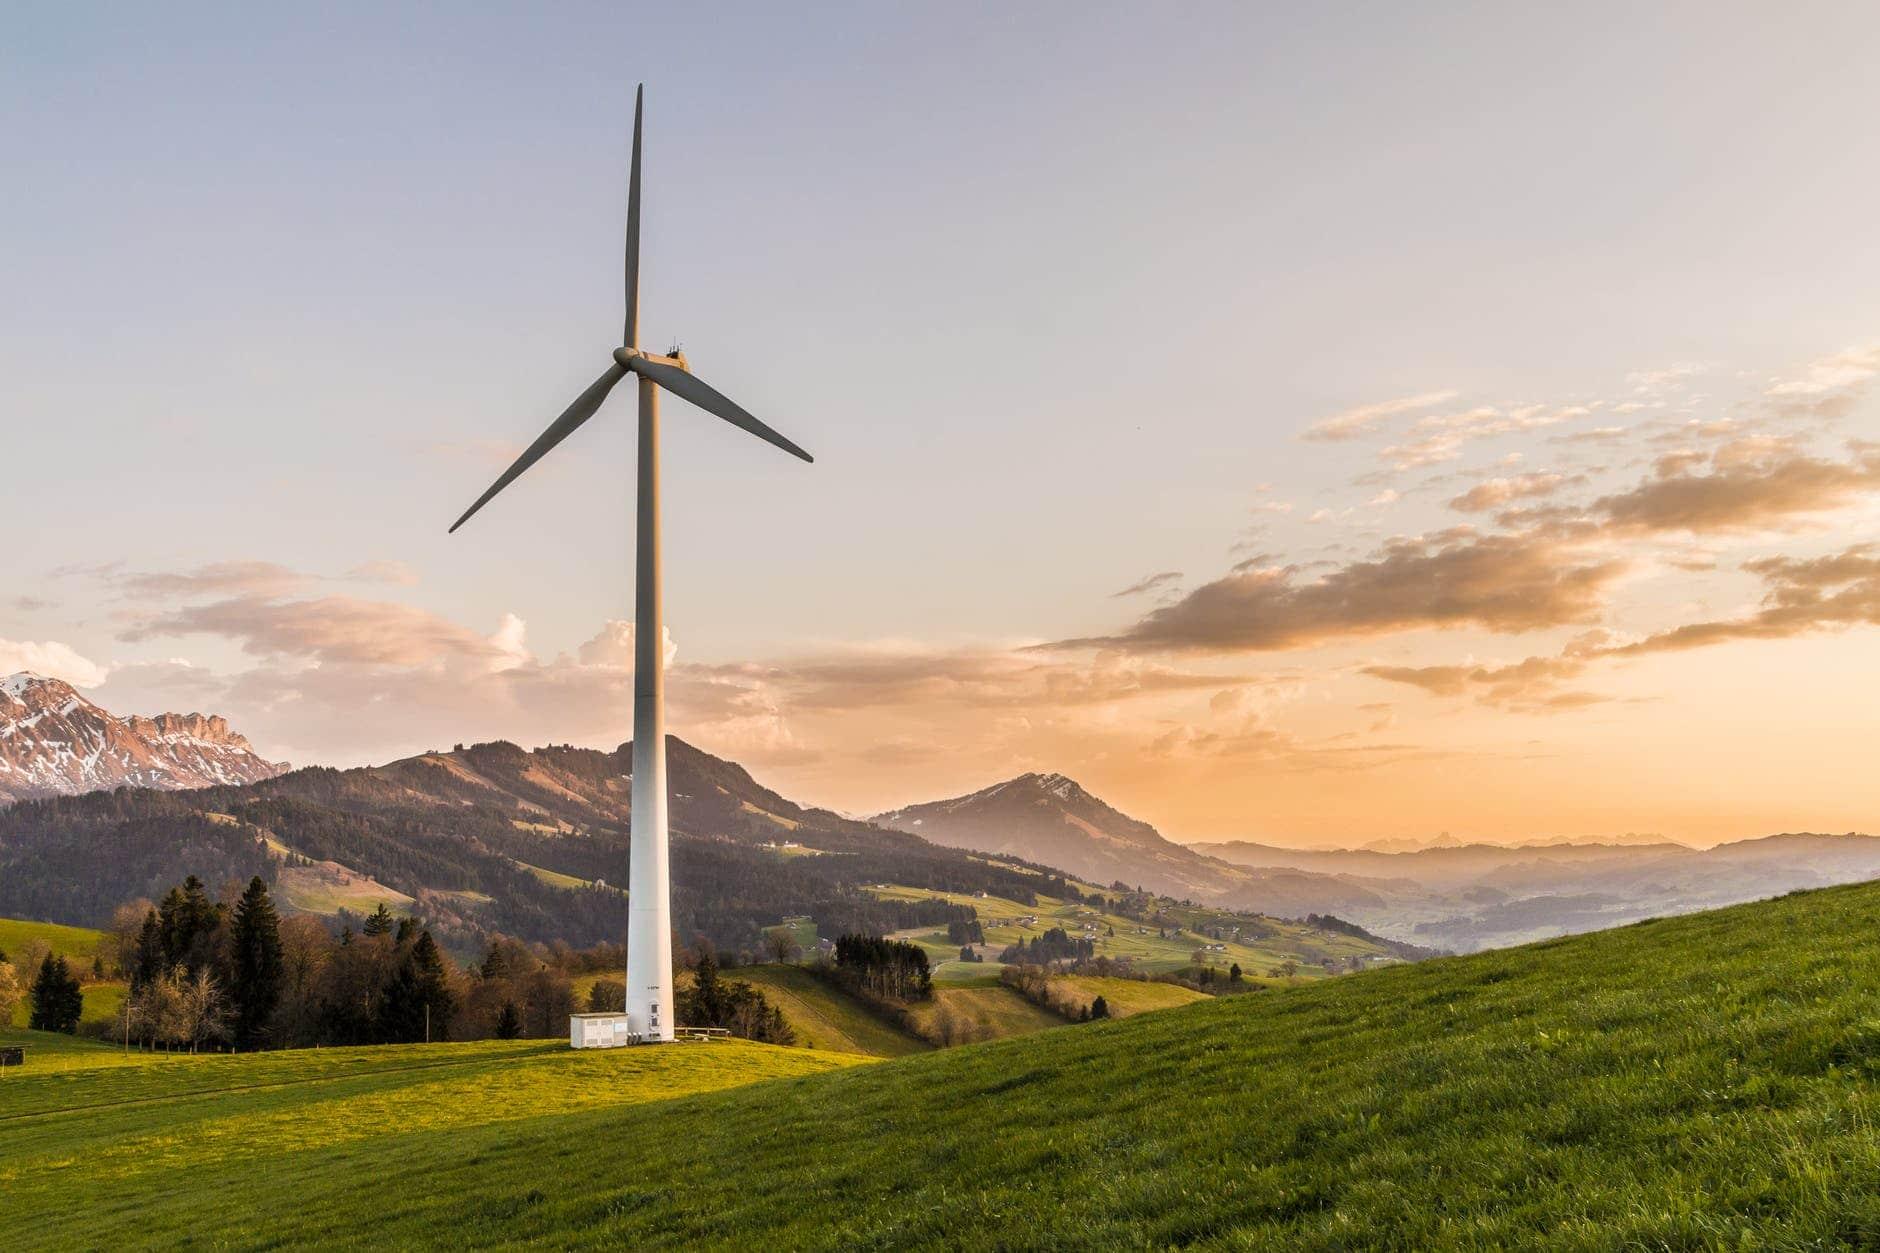 Advantages and disadvantages of 6 renewable energy sources